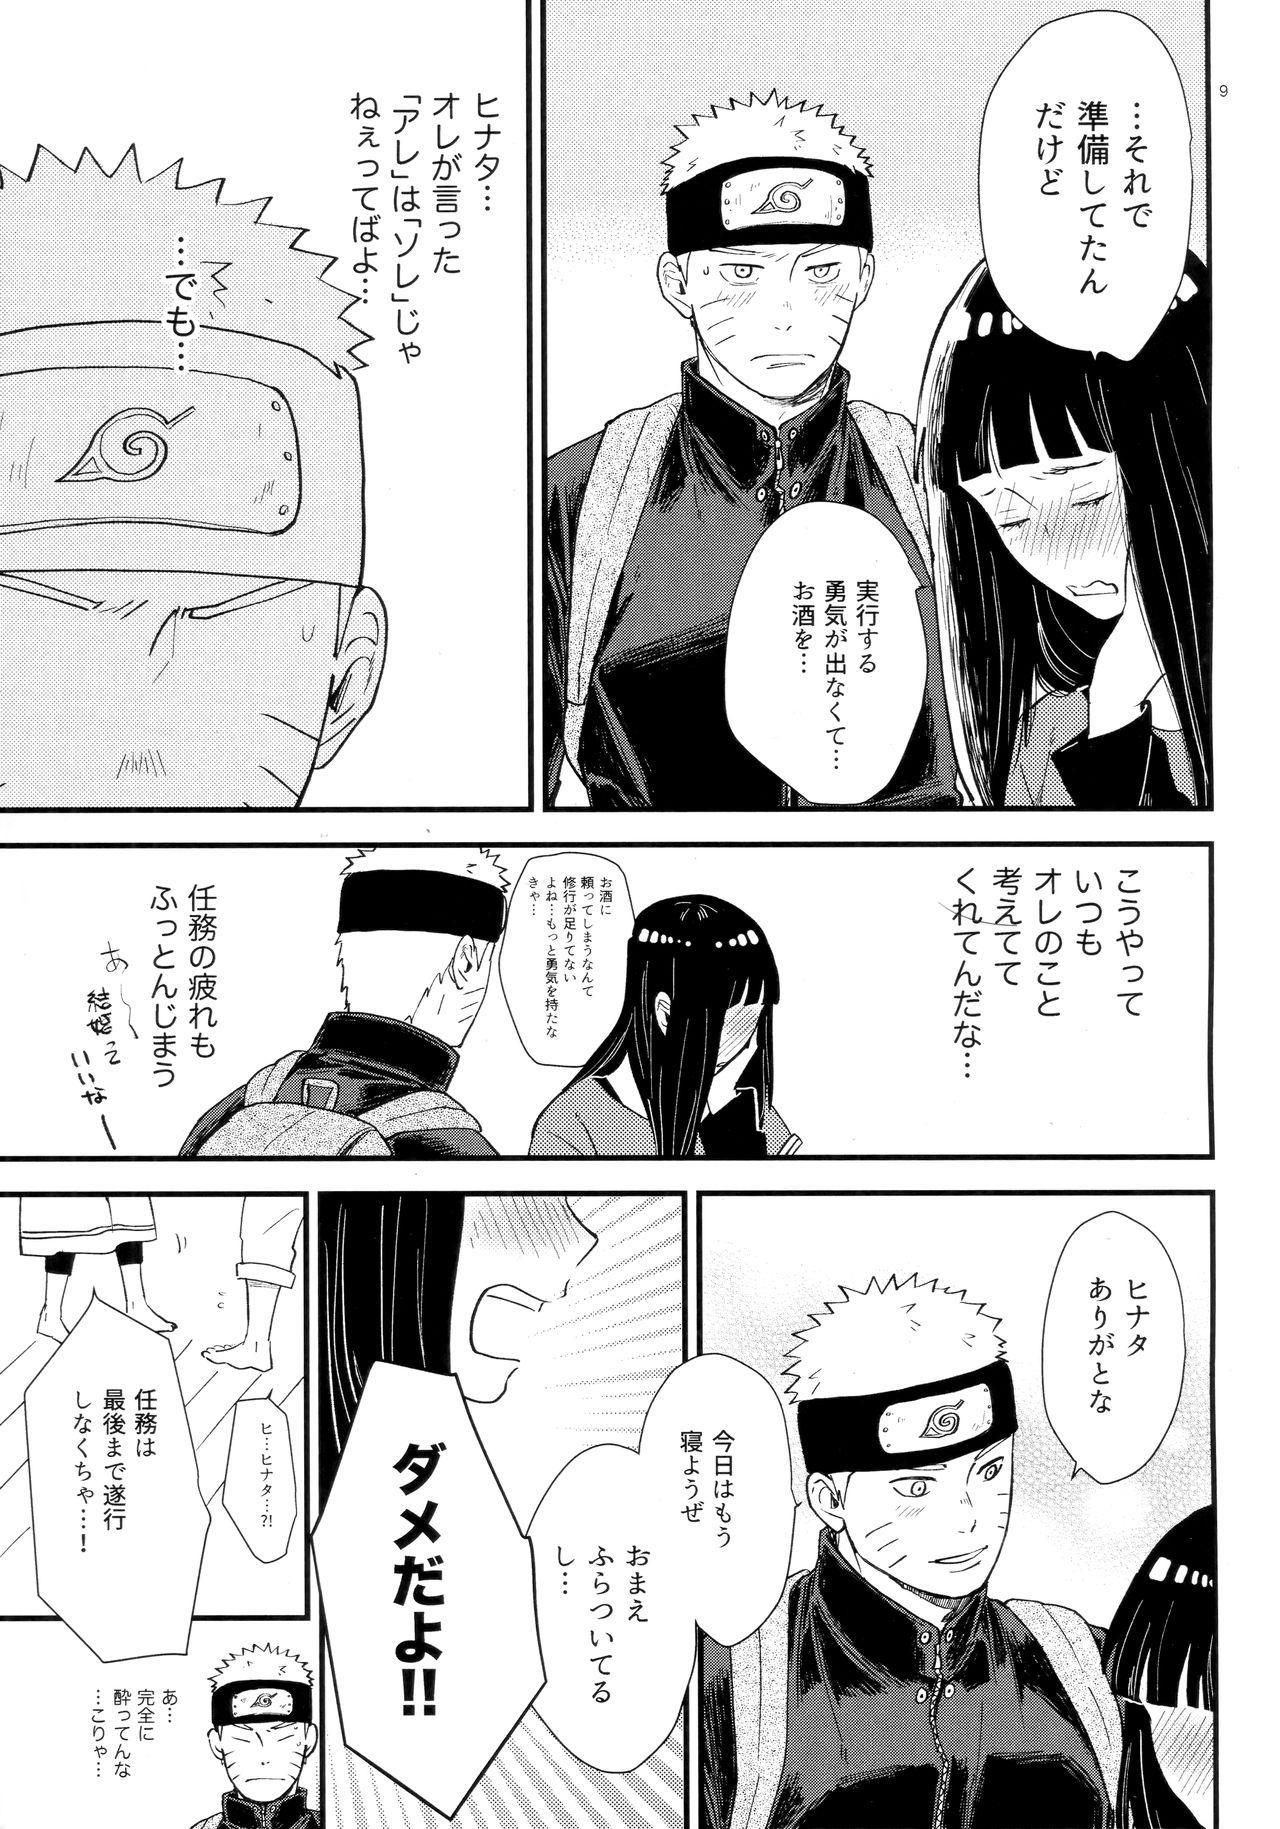 Hachimitsu to Himitsu 7